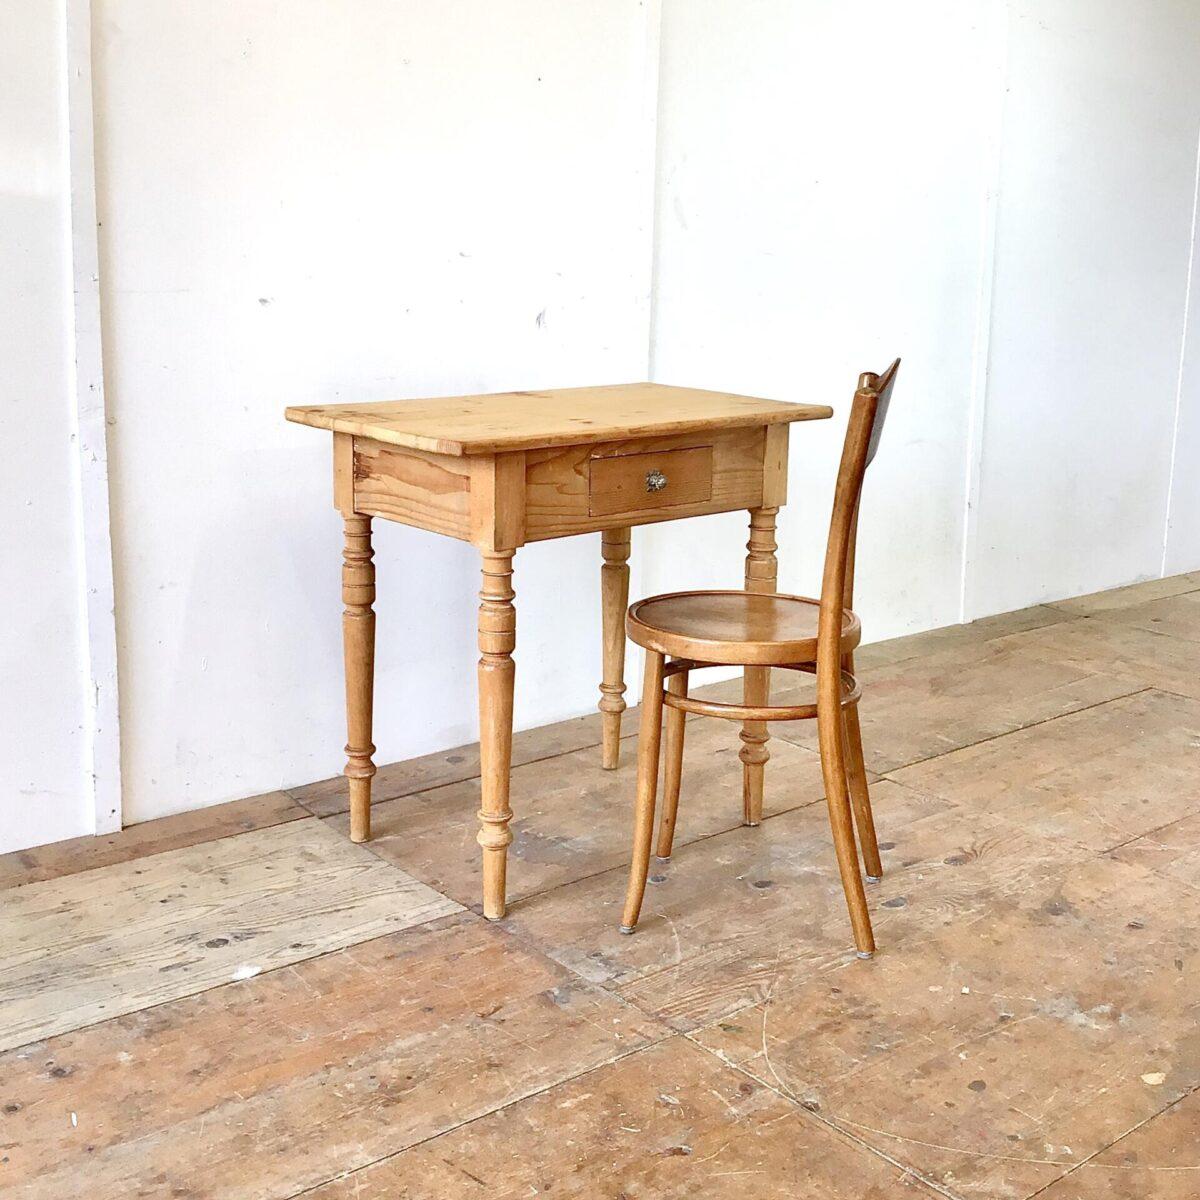 Kleiner Antiker Schreibtisch mit Schublade aus Tannenholz. 82x50.5cm Höhe 77.5cm. Die wackligen Tischbein Verbindungen sind frisch verleimt, das Tischblatt hat ein paar Risse ist aber in stabilem Zustand. Holzoberflächen mit Naturöl behandelt.